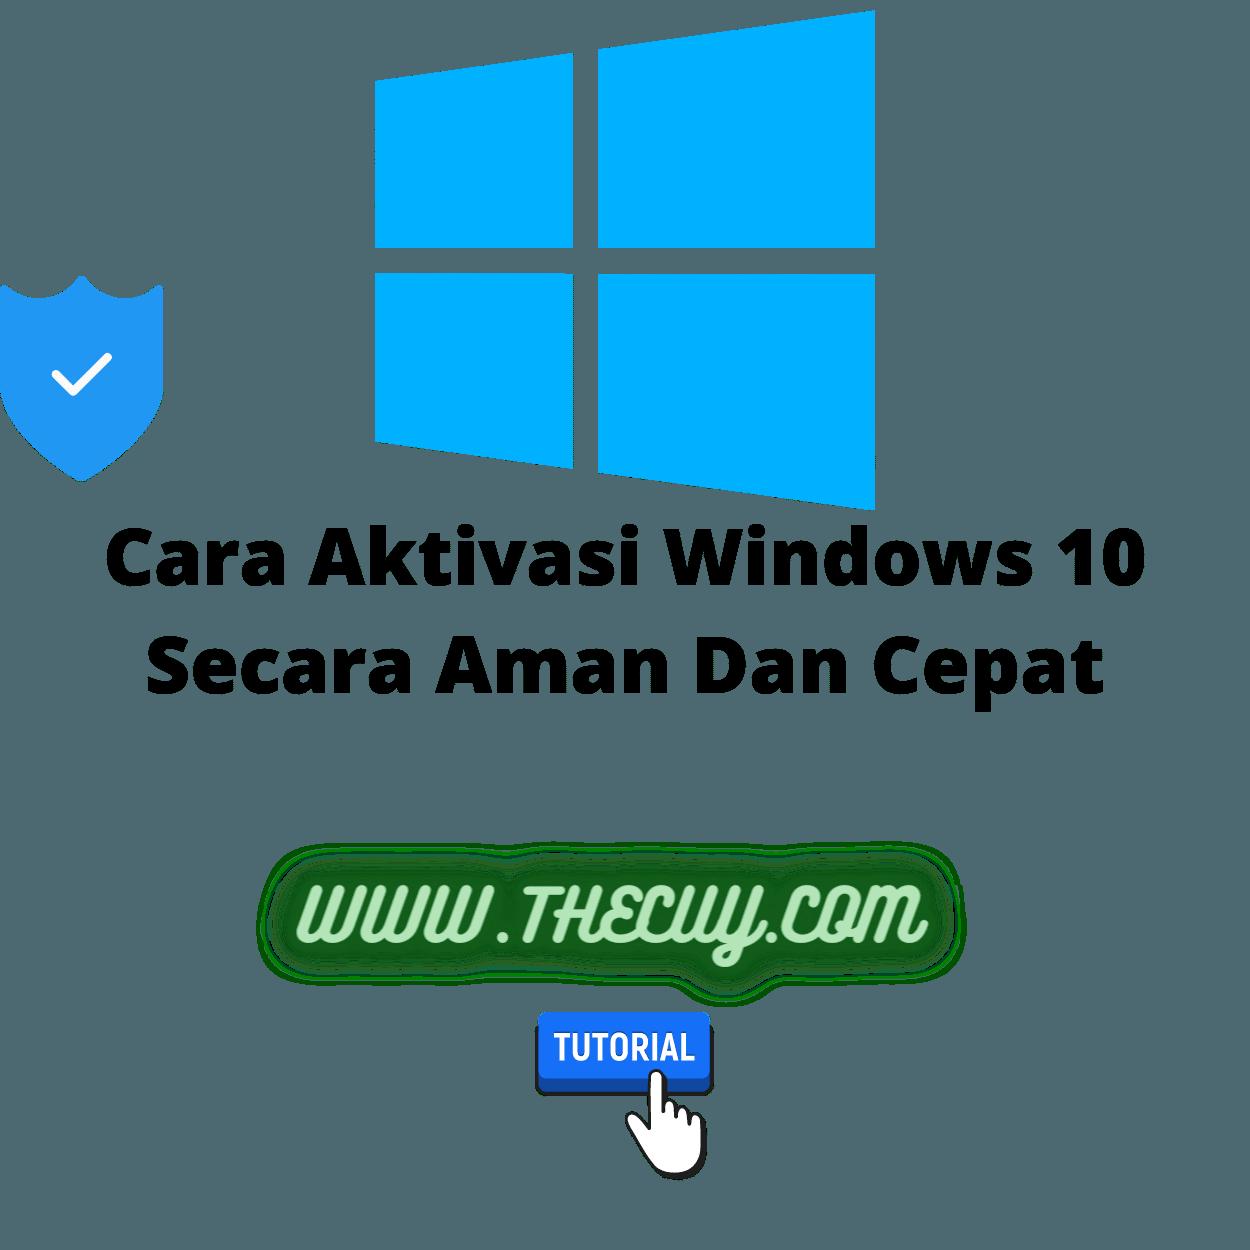 Cara Aktivasi Windows 10 Secara Aman Dan Cepat